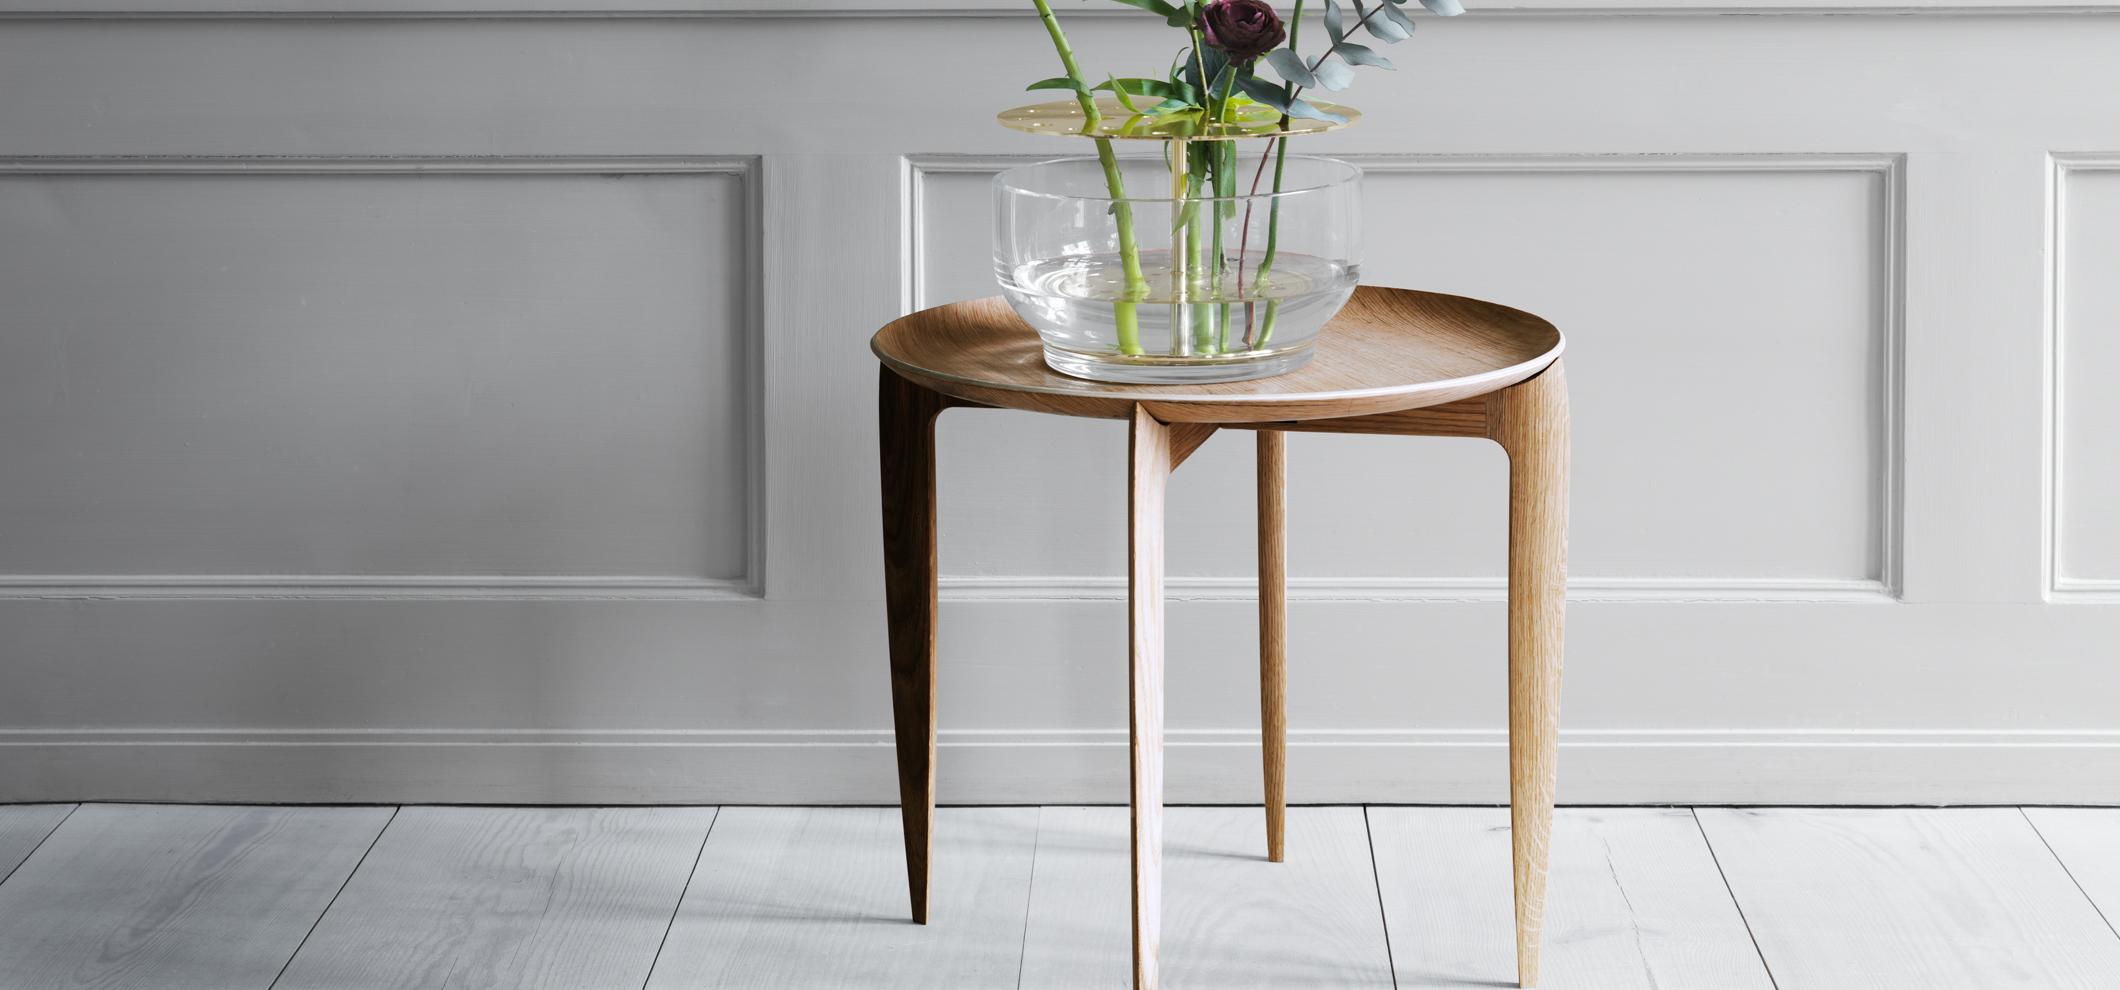 designer beistelltische designer beistelltische vom. Black Bedroom Furniture Sets. Home Design Ideas